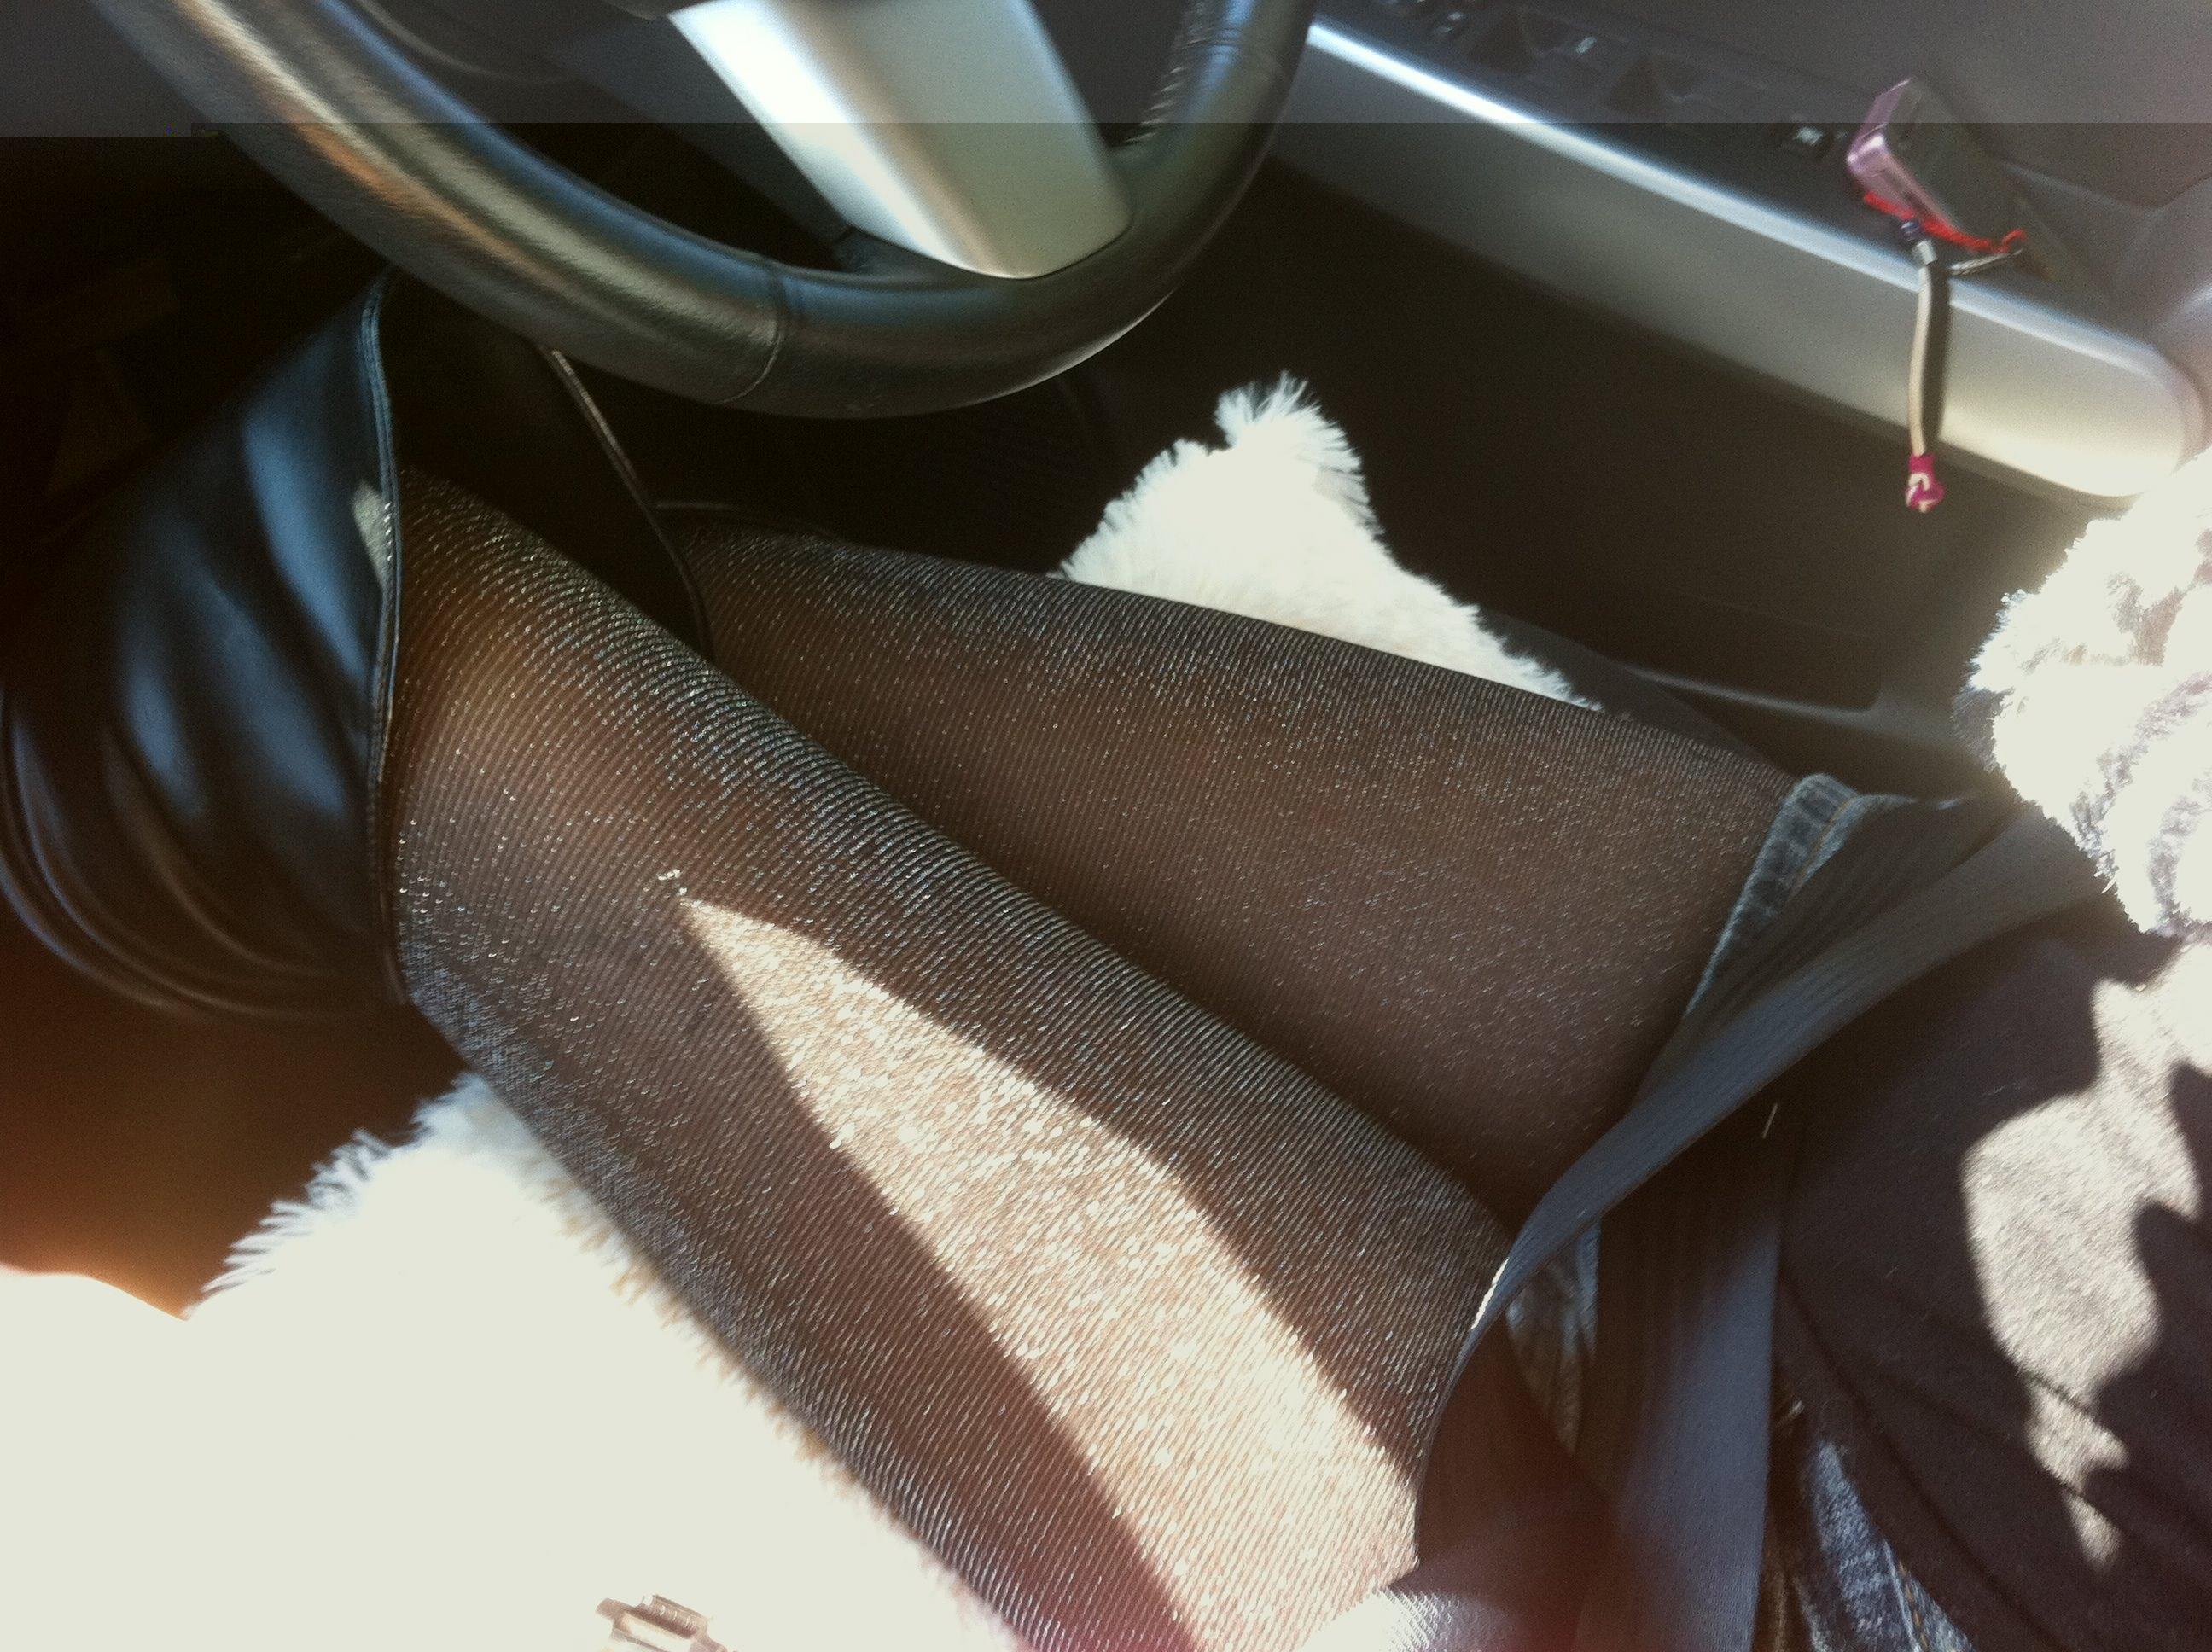 嫁の見飽きた足も運転席に座らせると何故かそそる不思議wwwパンチラ、まんちらまであるじゃんwww 1929 1